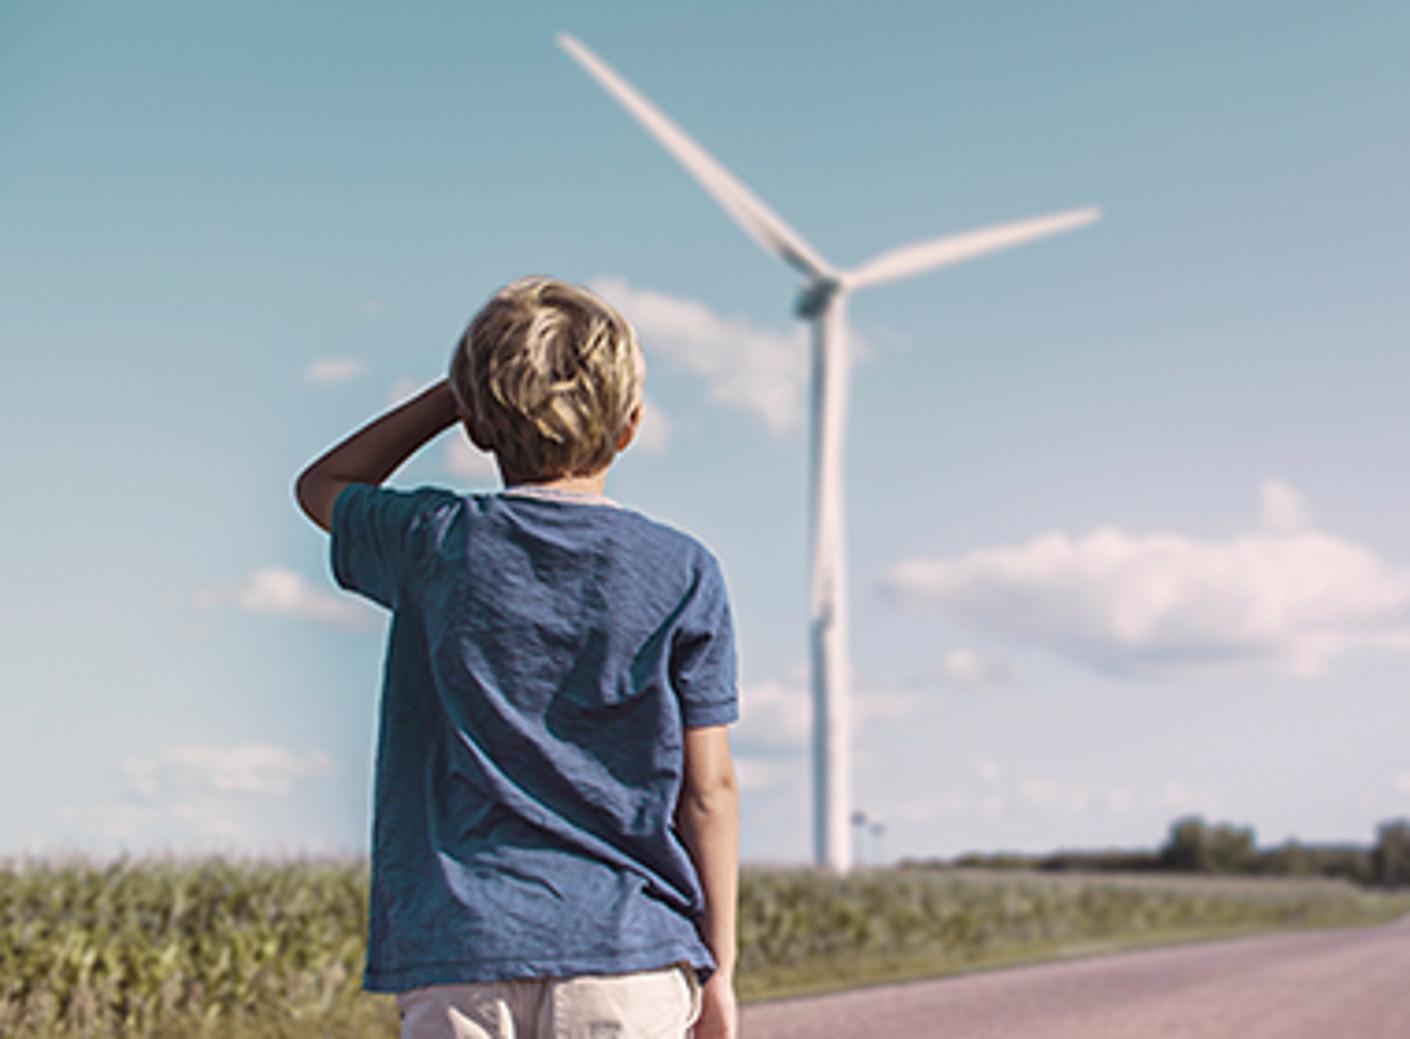 Aan u de keuze: windmolens laten draaien of een kerncentrale aanzetten?